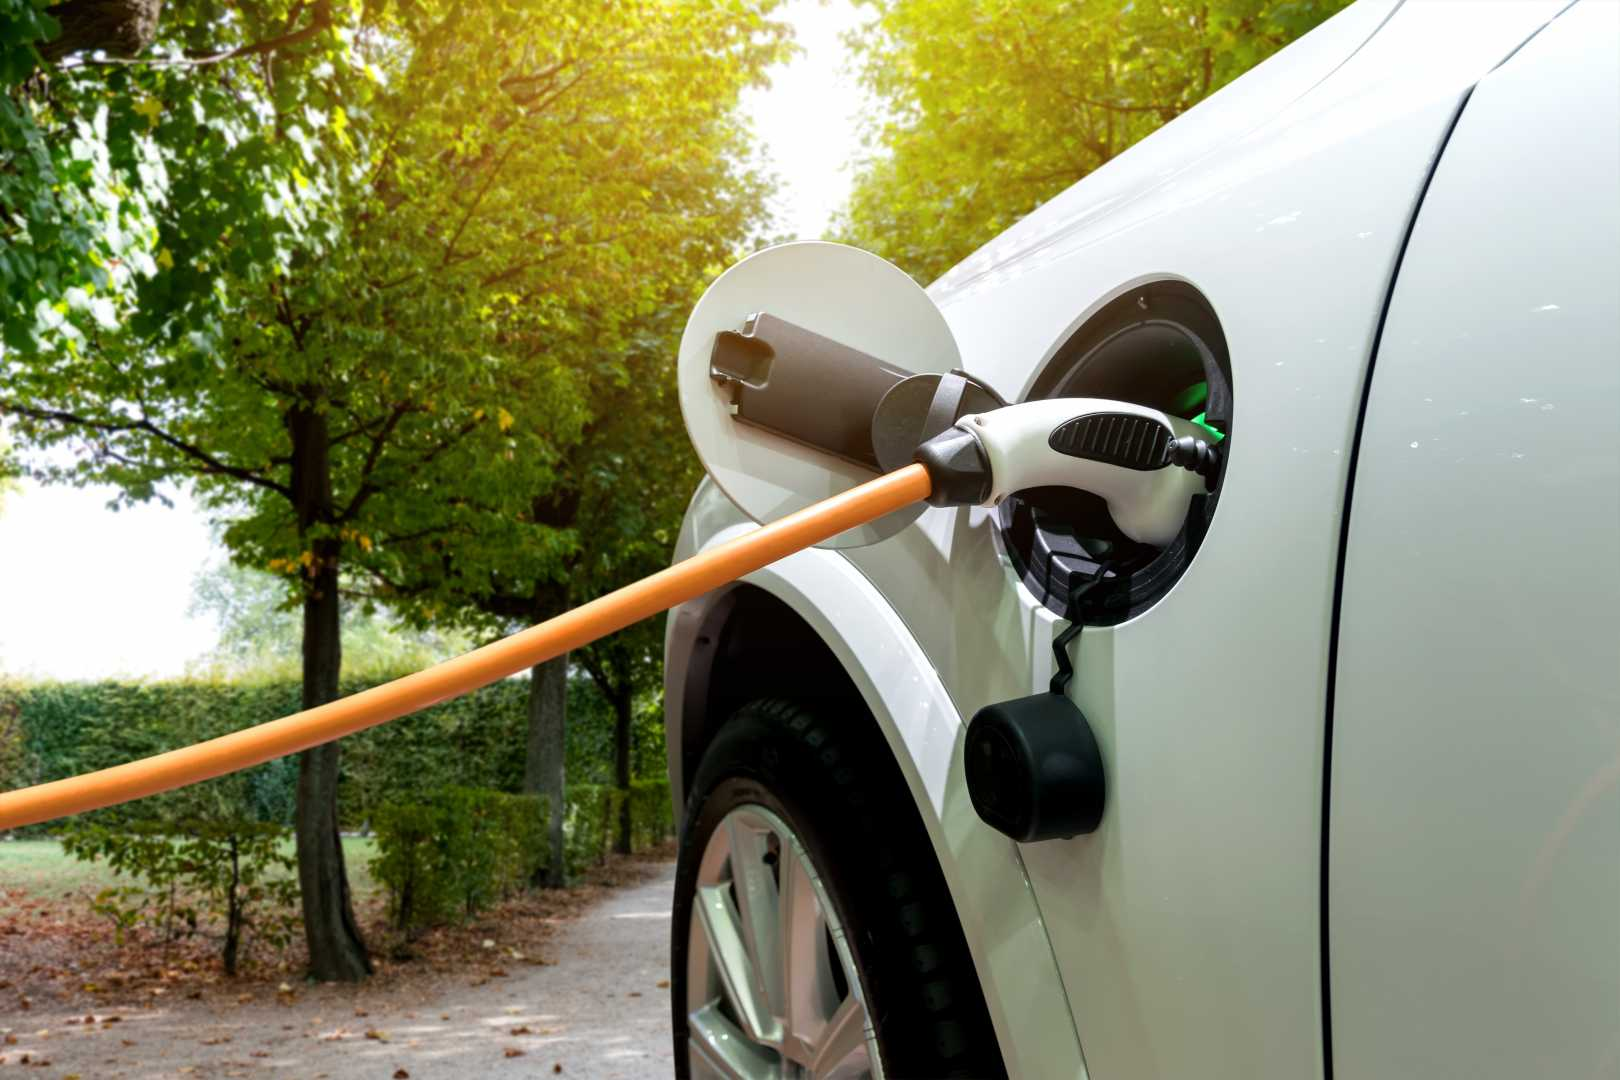 Elektrische wagen opladen buiten